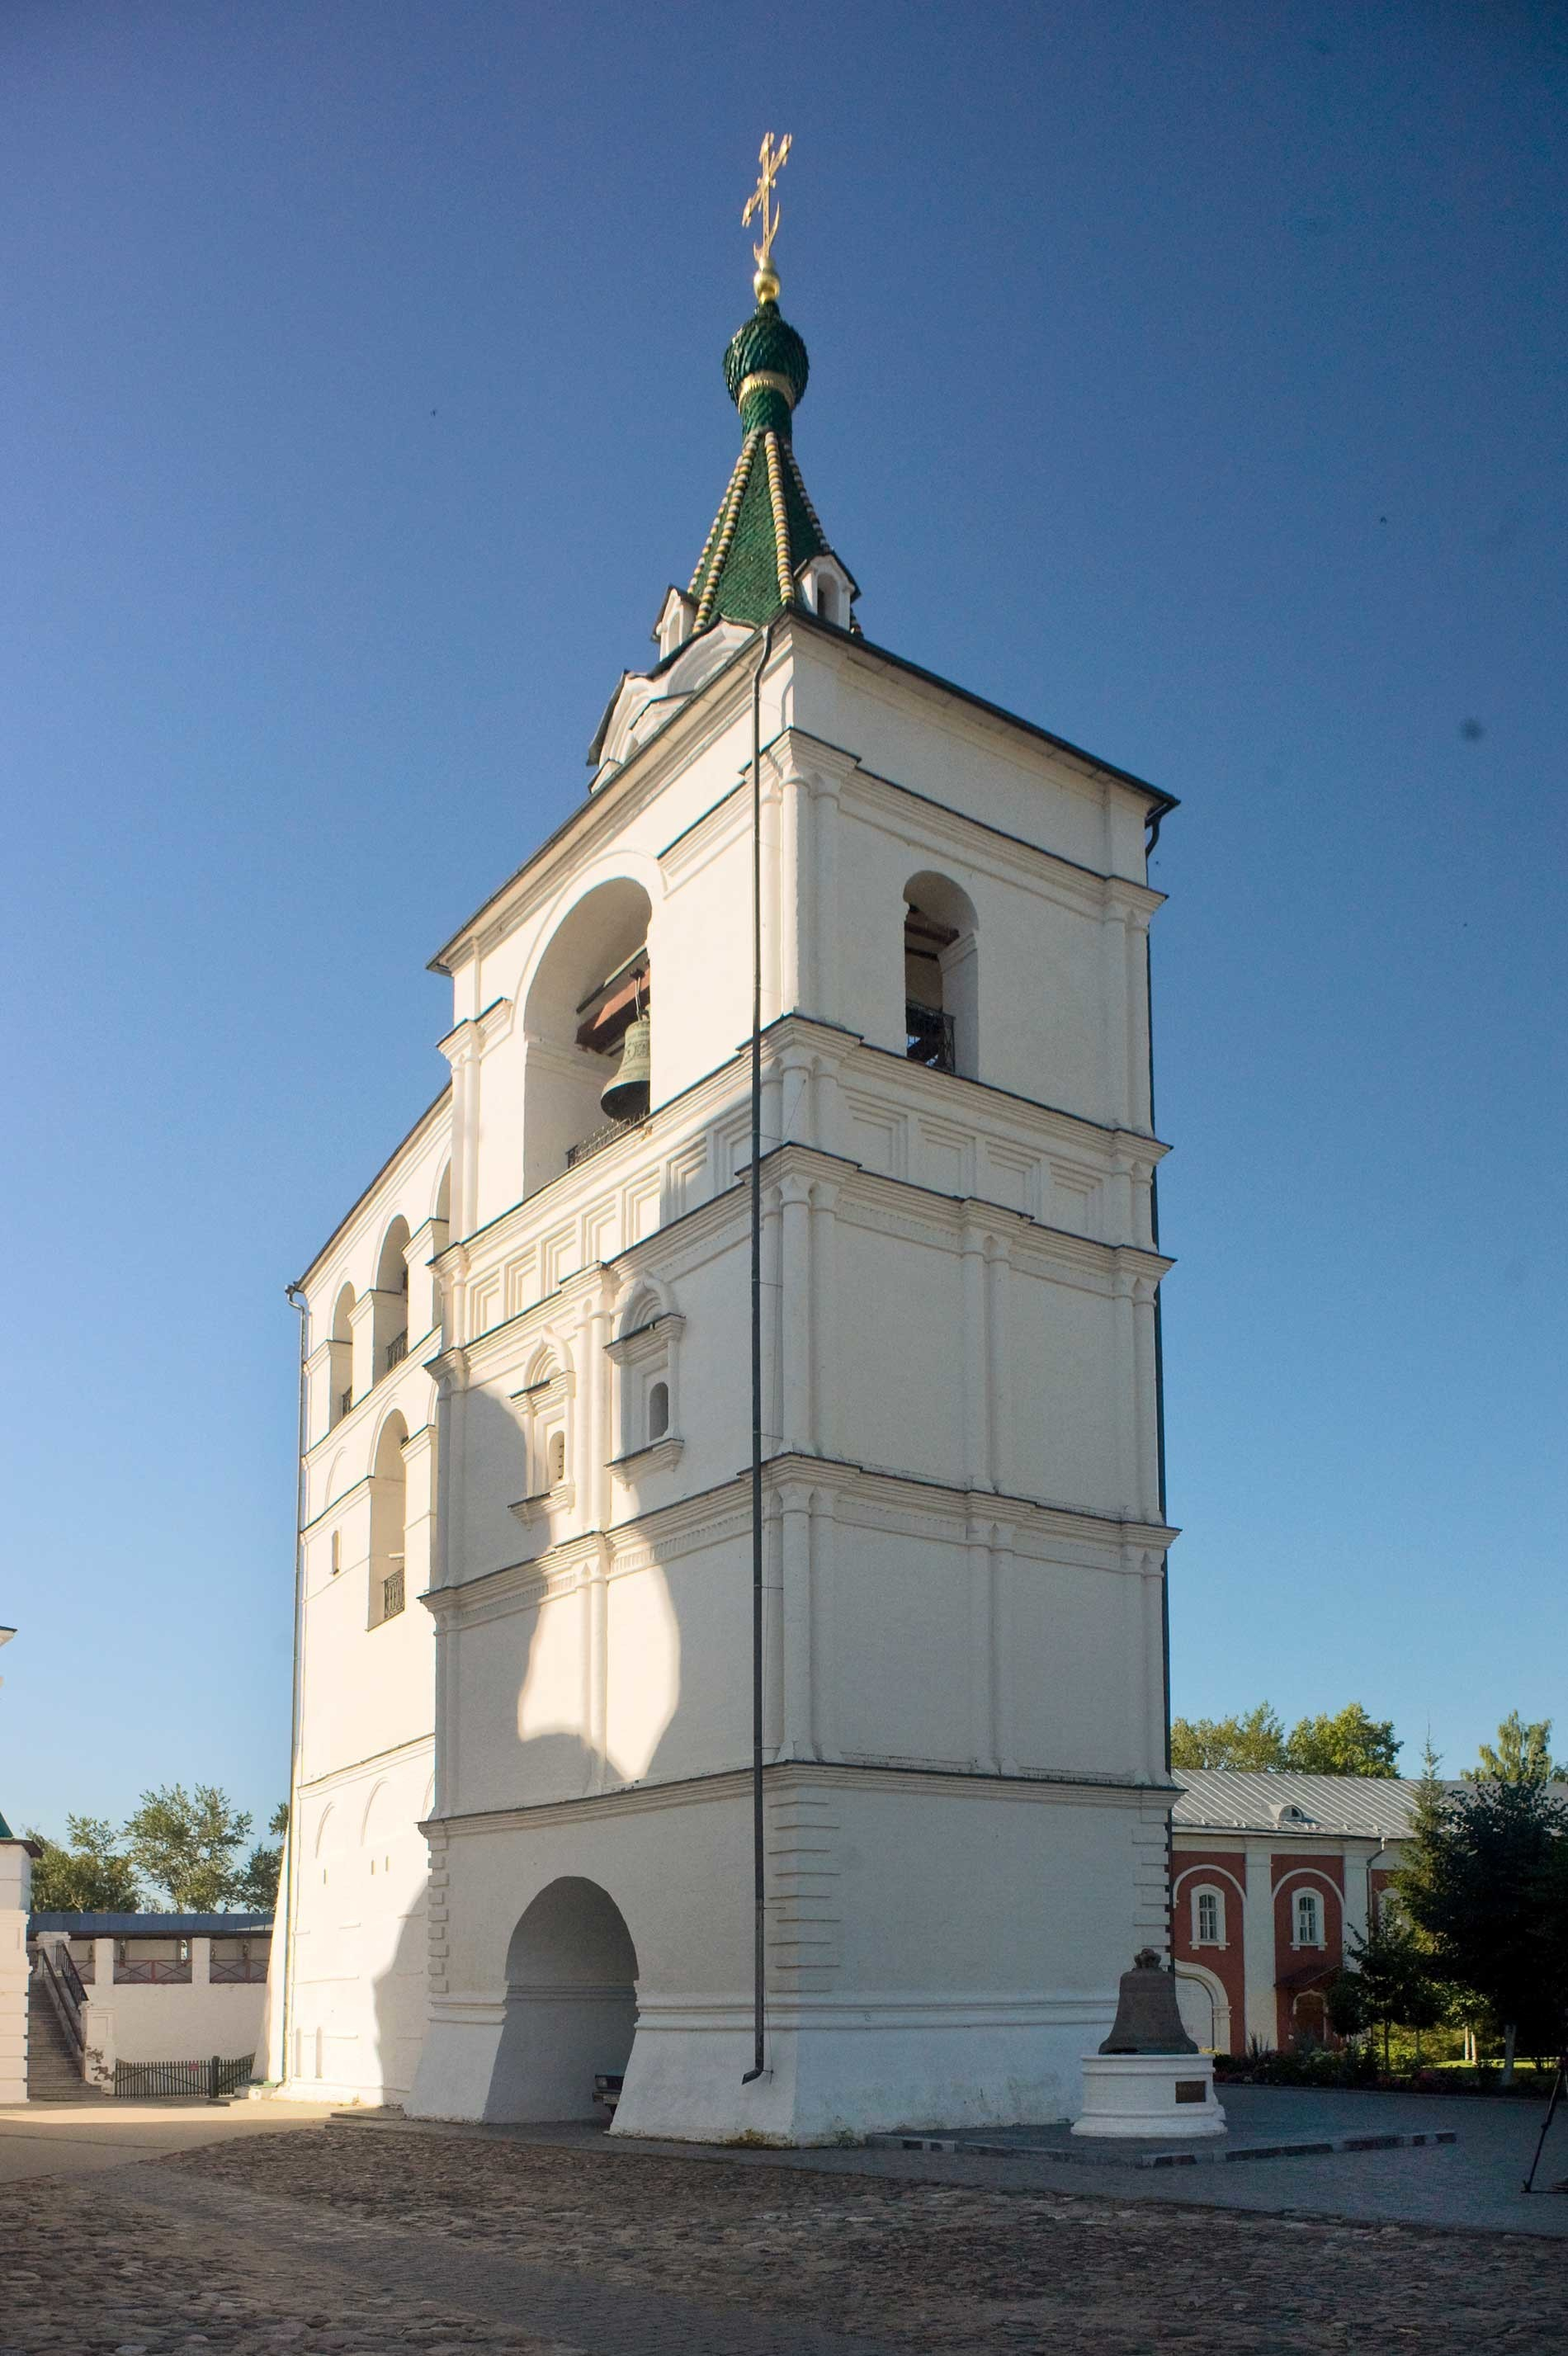 Monasterio Ipátiev. Campanario de la catedral, vista noreste. Verano de 2017.